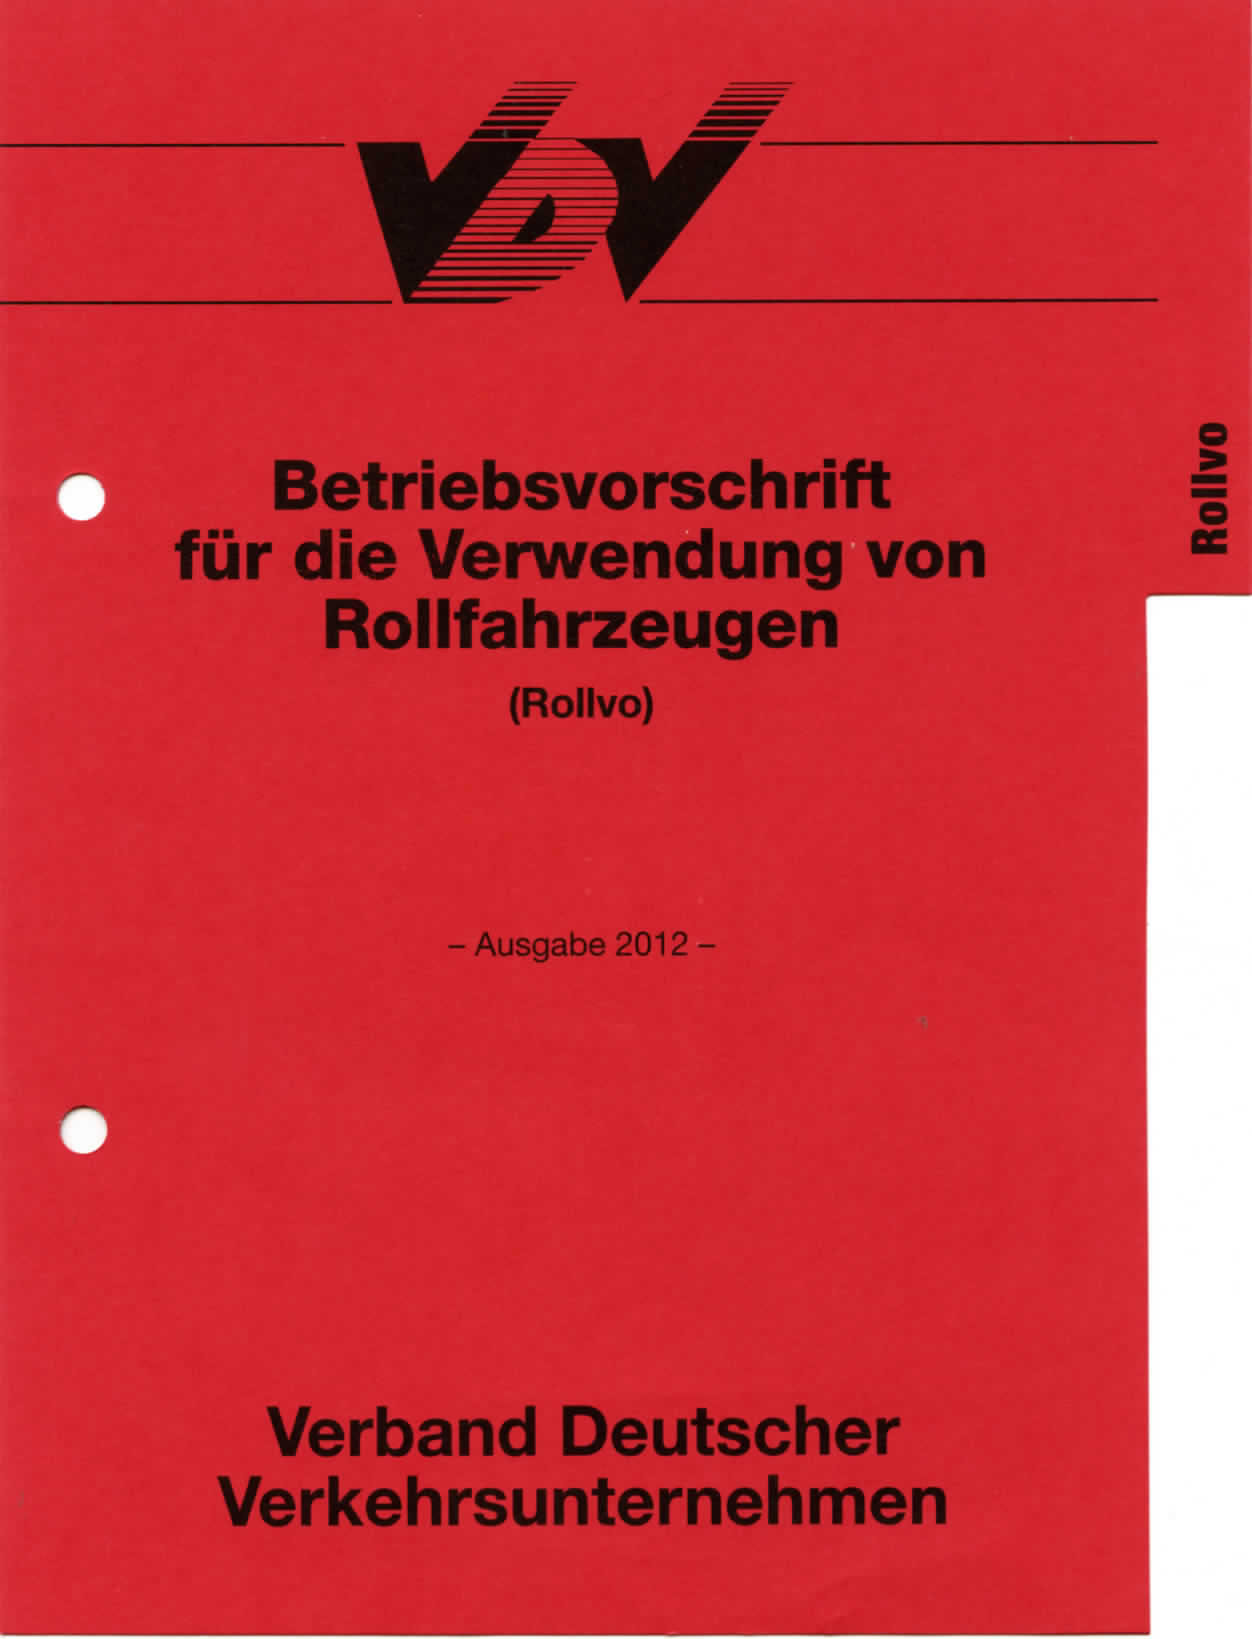 ROLLVO - Betriebsvorschrift für die Verwendung von Rollfahrzeugen [Print]